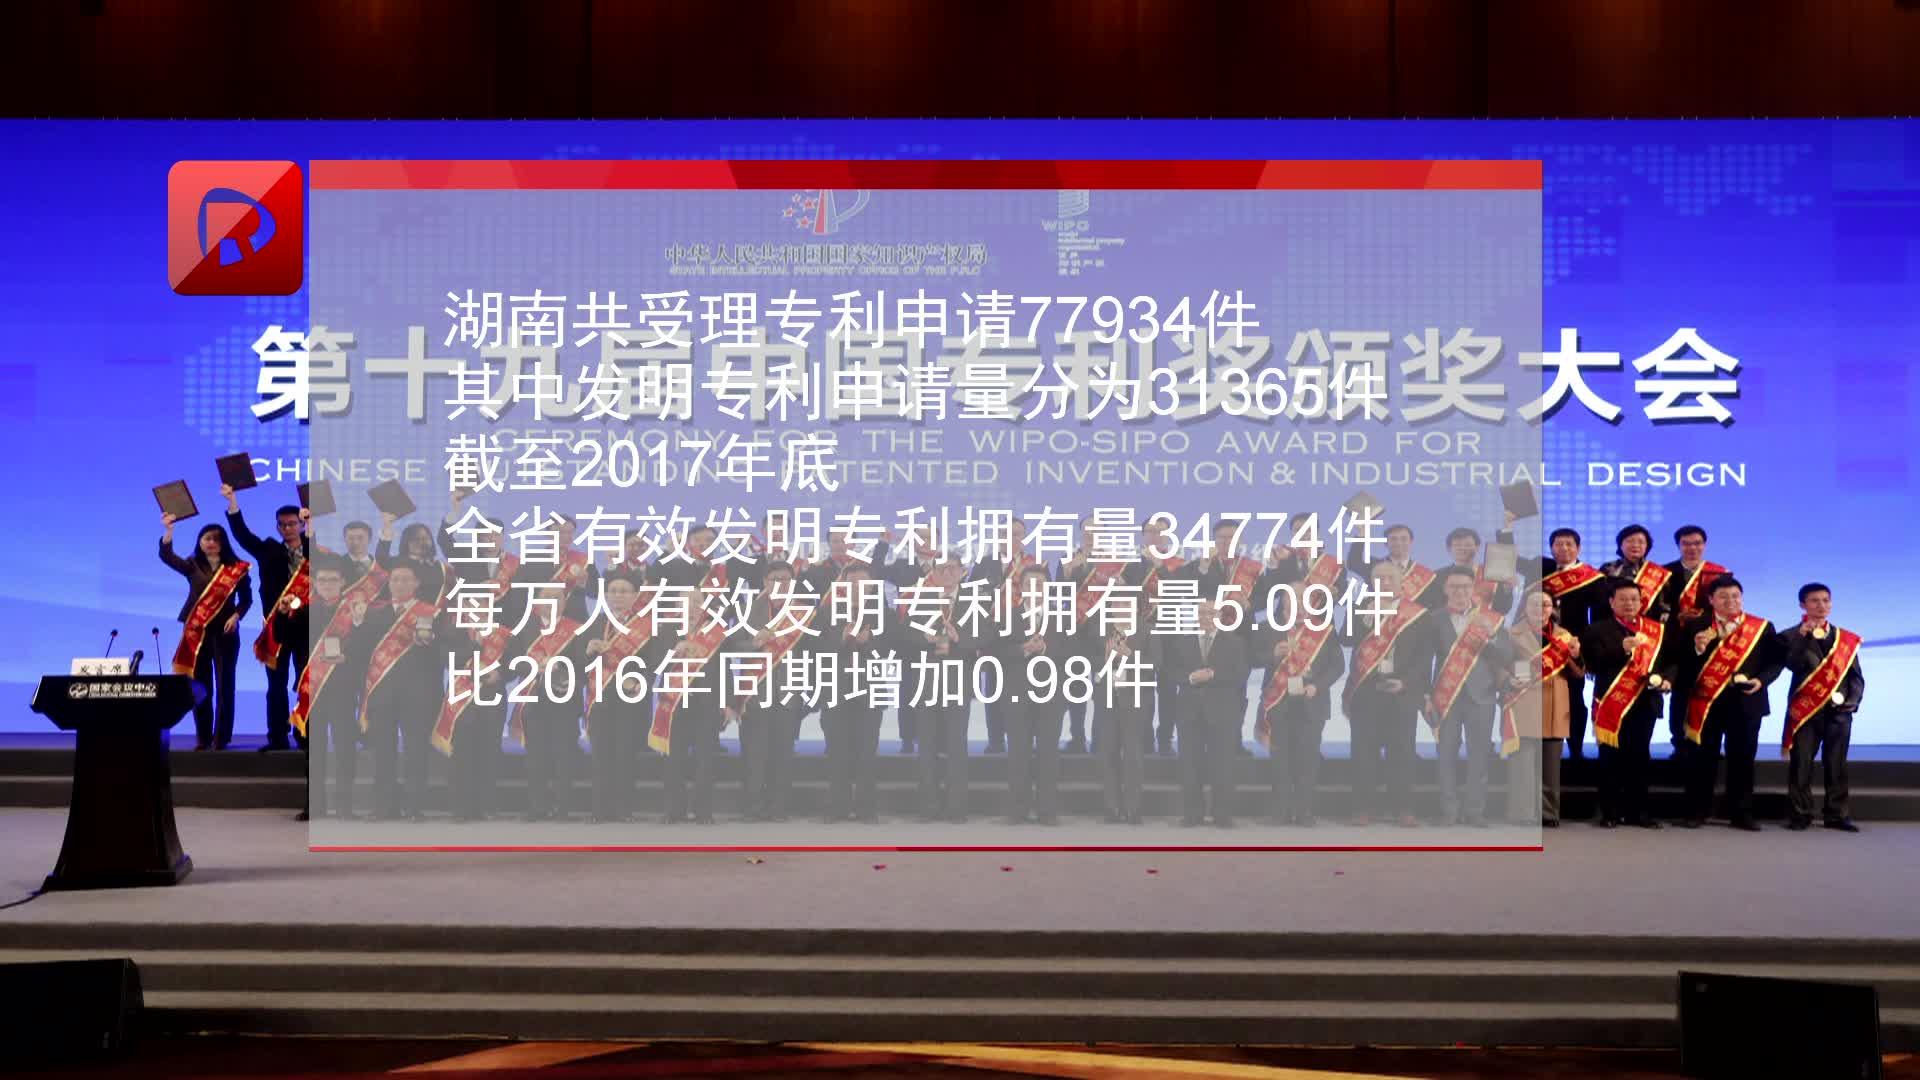 湖南公布2017年知识产权保护状况 每万人拥有发明专利5.09件